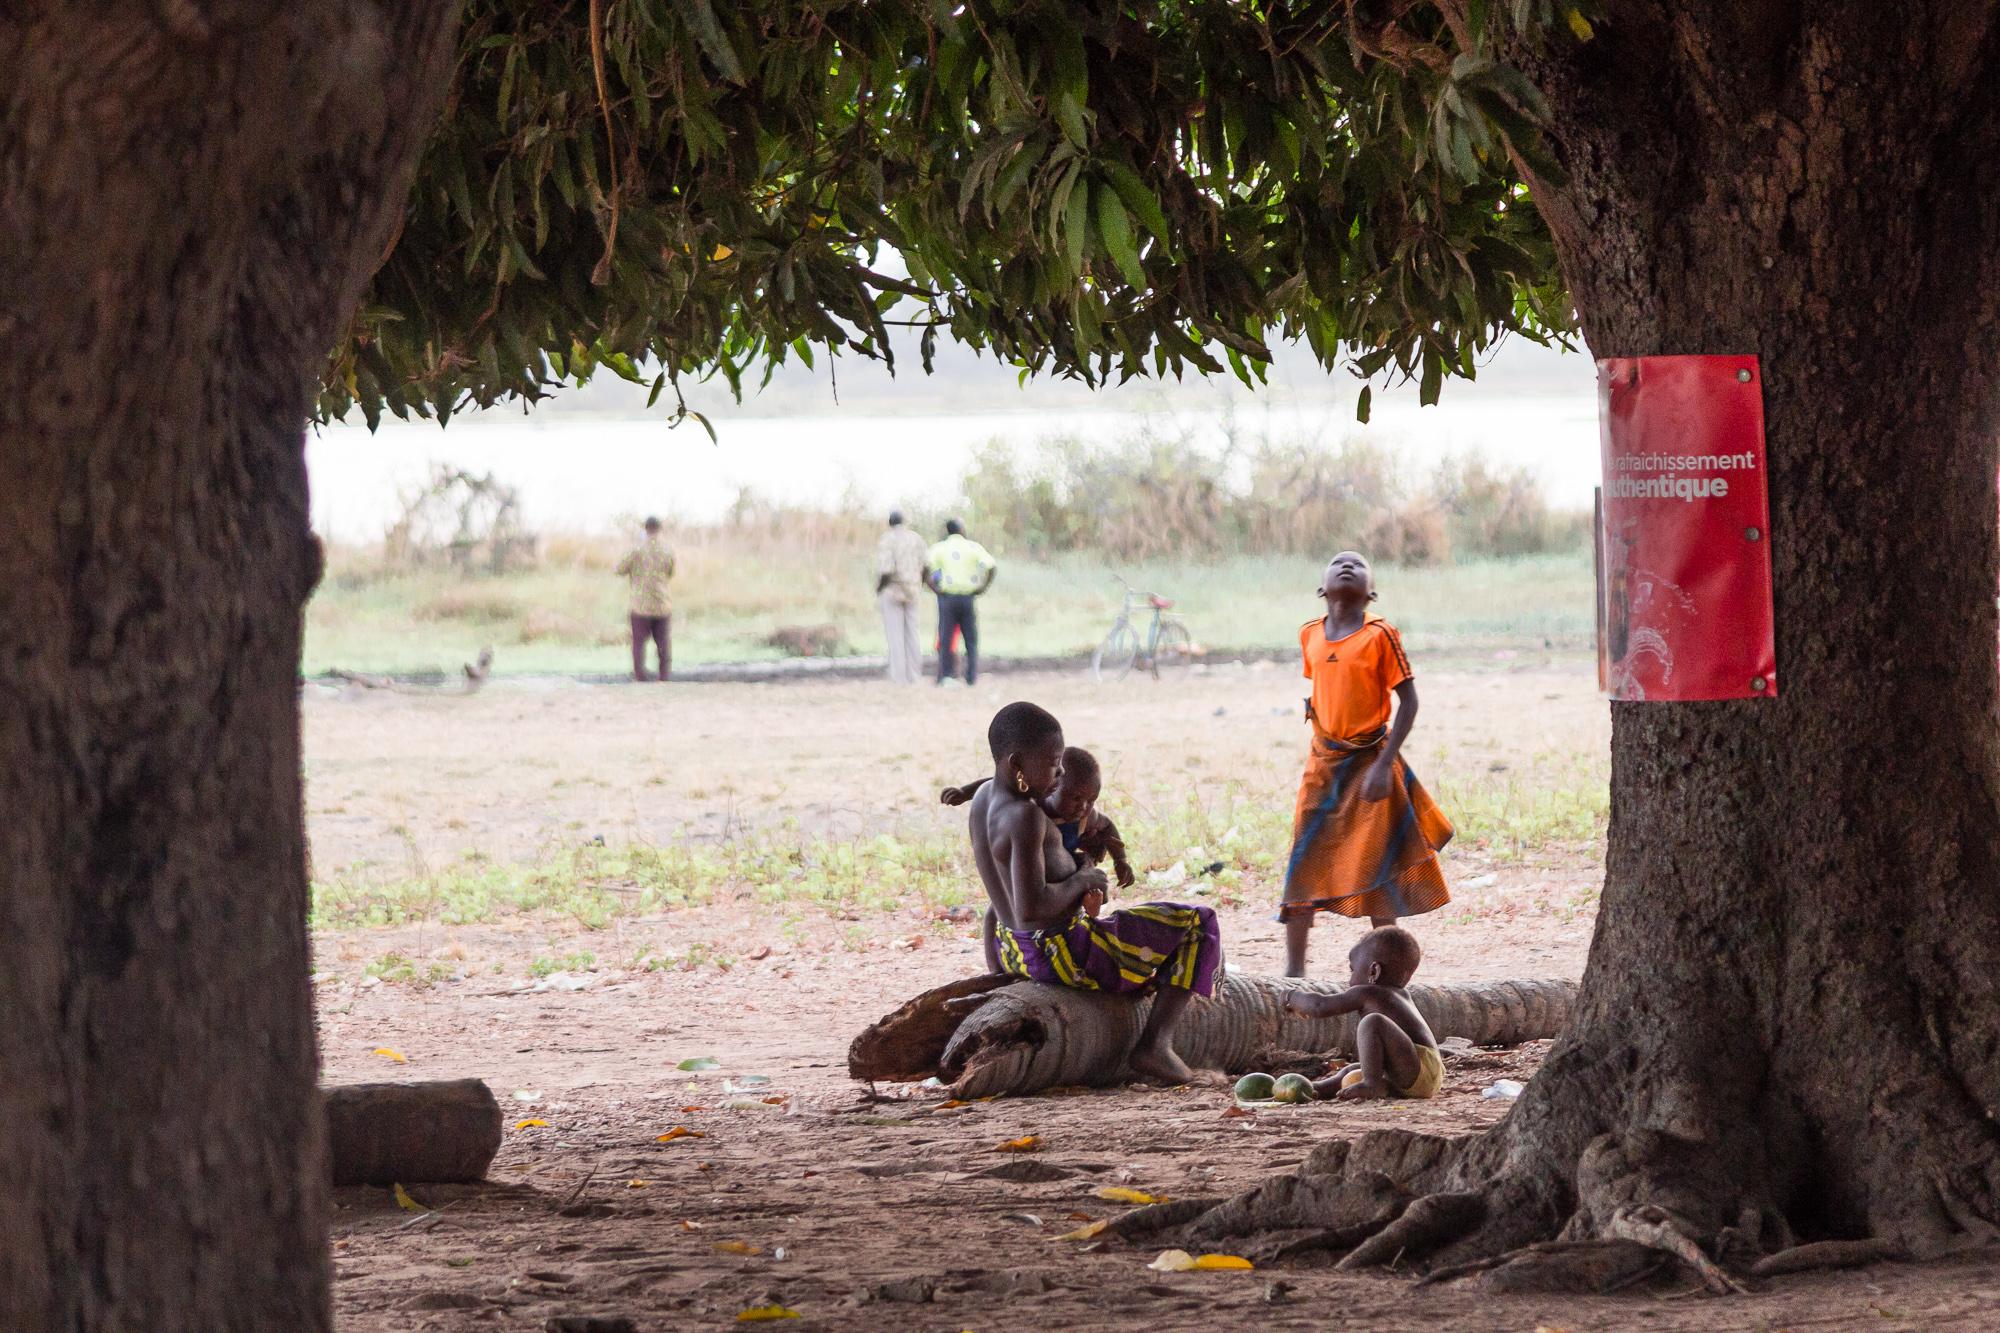 Famille Burkinabé sous un manguier sur les rives du lac de Tengrela, région de Banfora, Burkina Faso